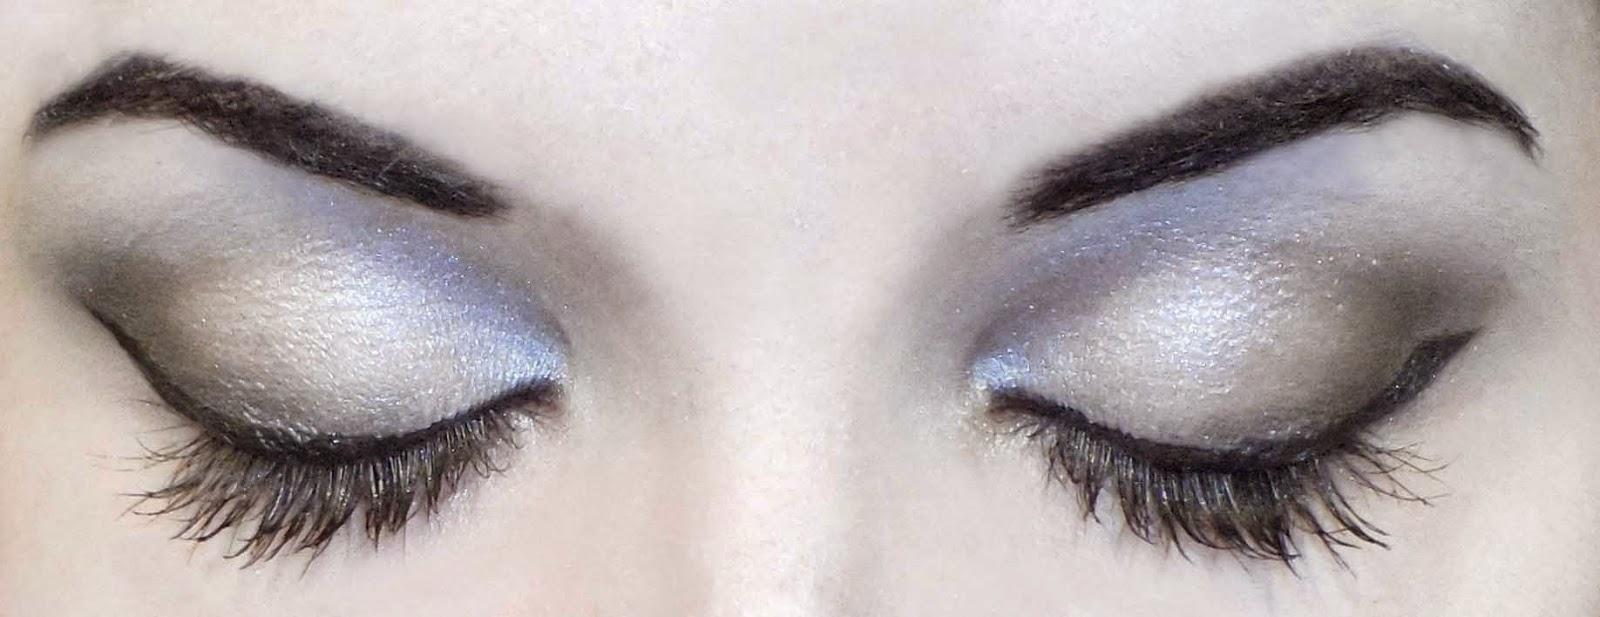 maquillaje de cejas angulosas